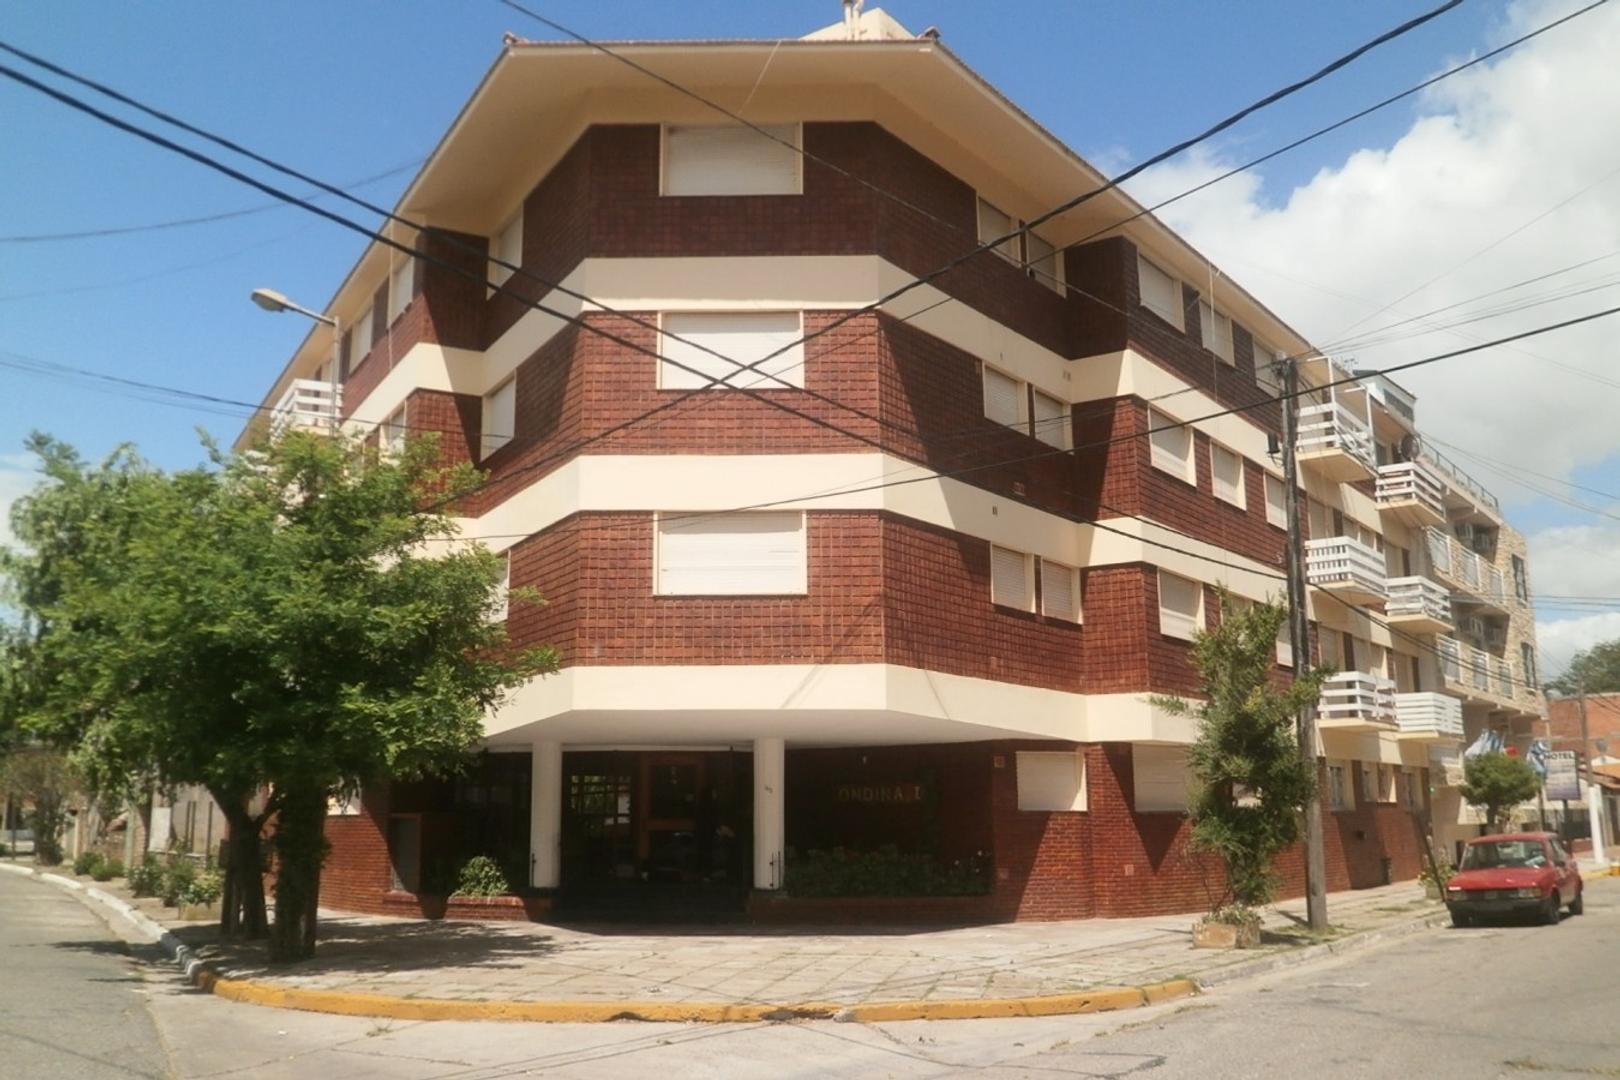 EXCELENTE 2 AMB. CON GAS NATURAL CONECTADO muy buen edificio y barrio. CONSULTE!!!